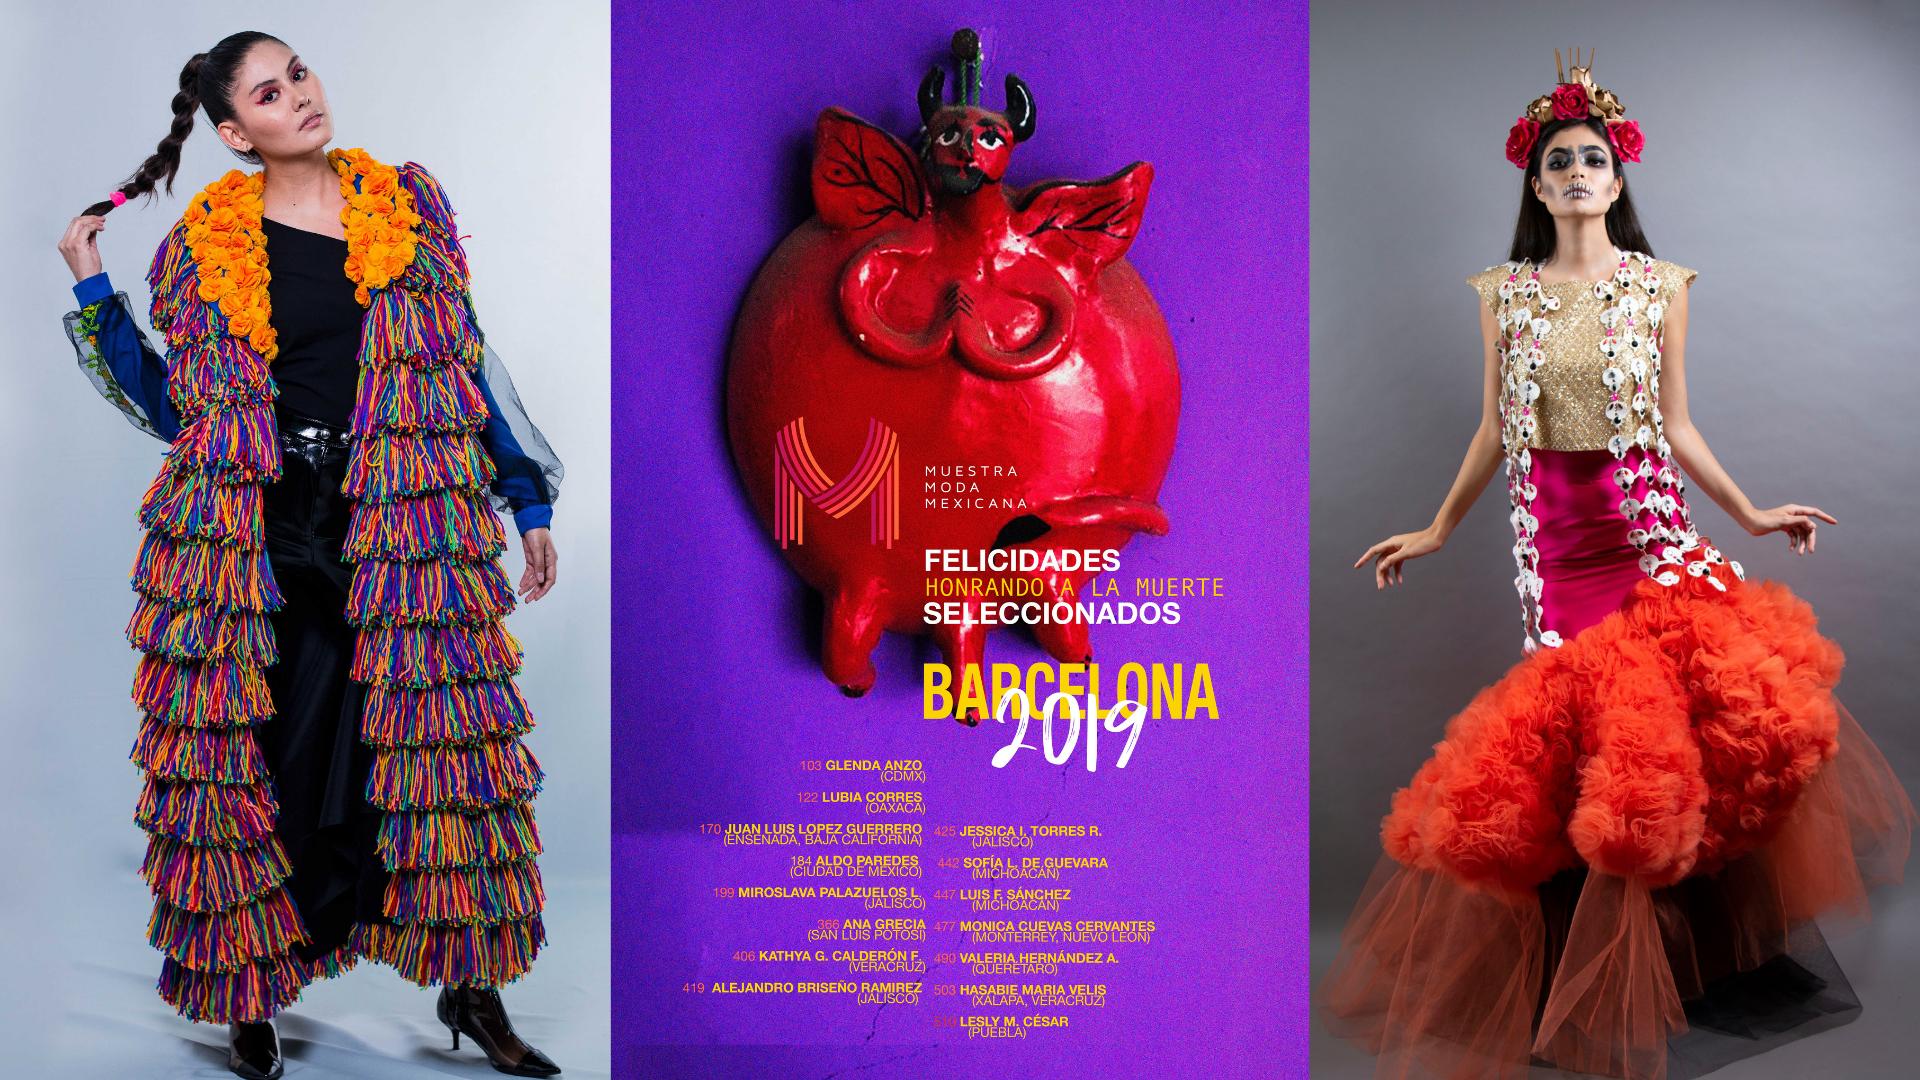 Conoce a los seleccionados de la 7° edición de la Muestra Moda Mexicana Barcelona 2019